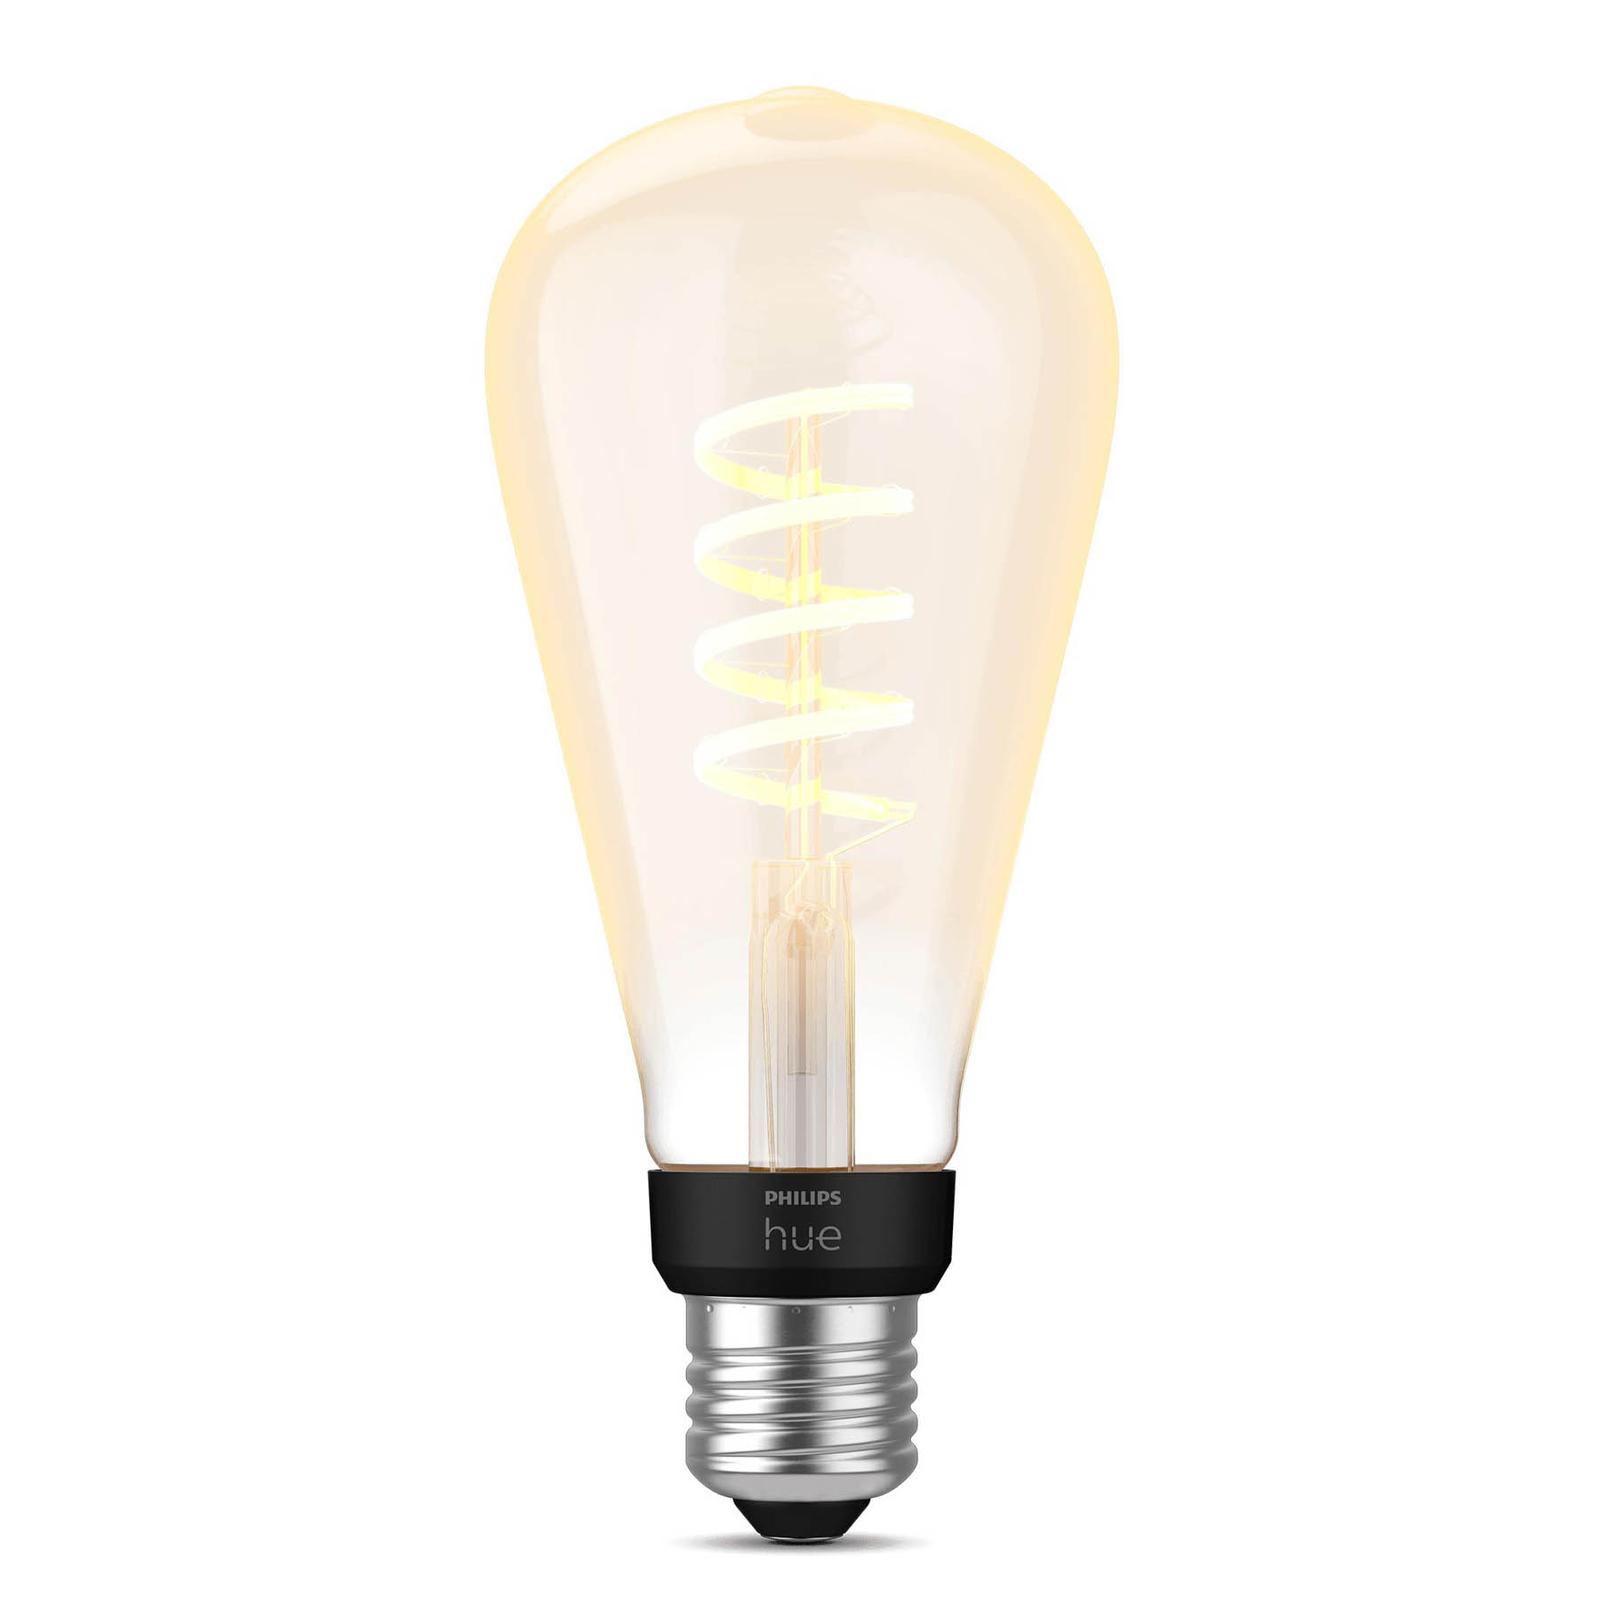 Philips Hue E27 7W LED-Lampe Giant Edison Filament